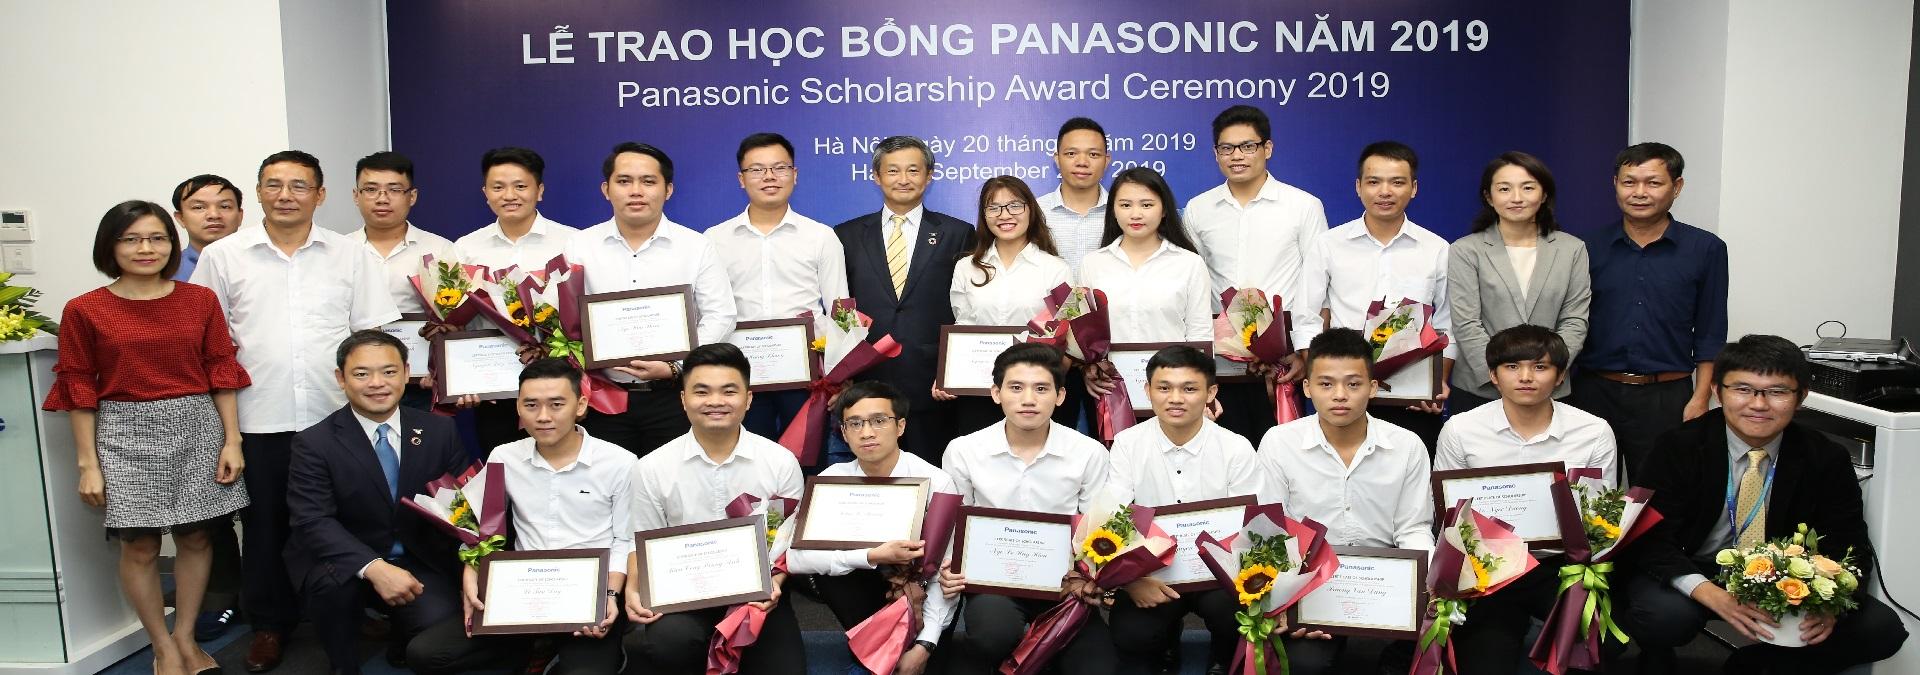 Lễ trao học bổng Panasonic 2019